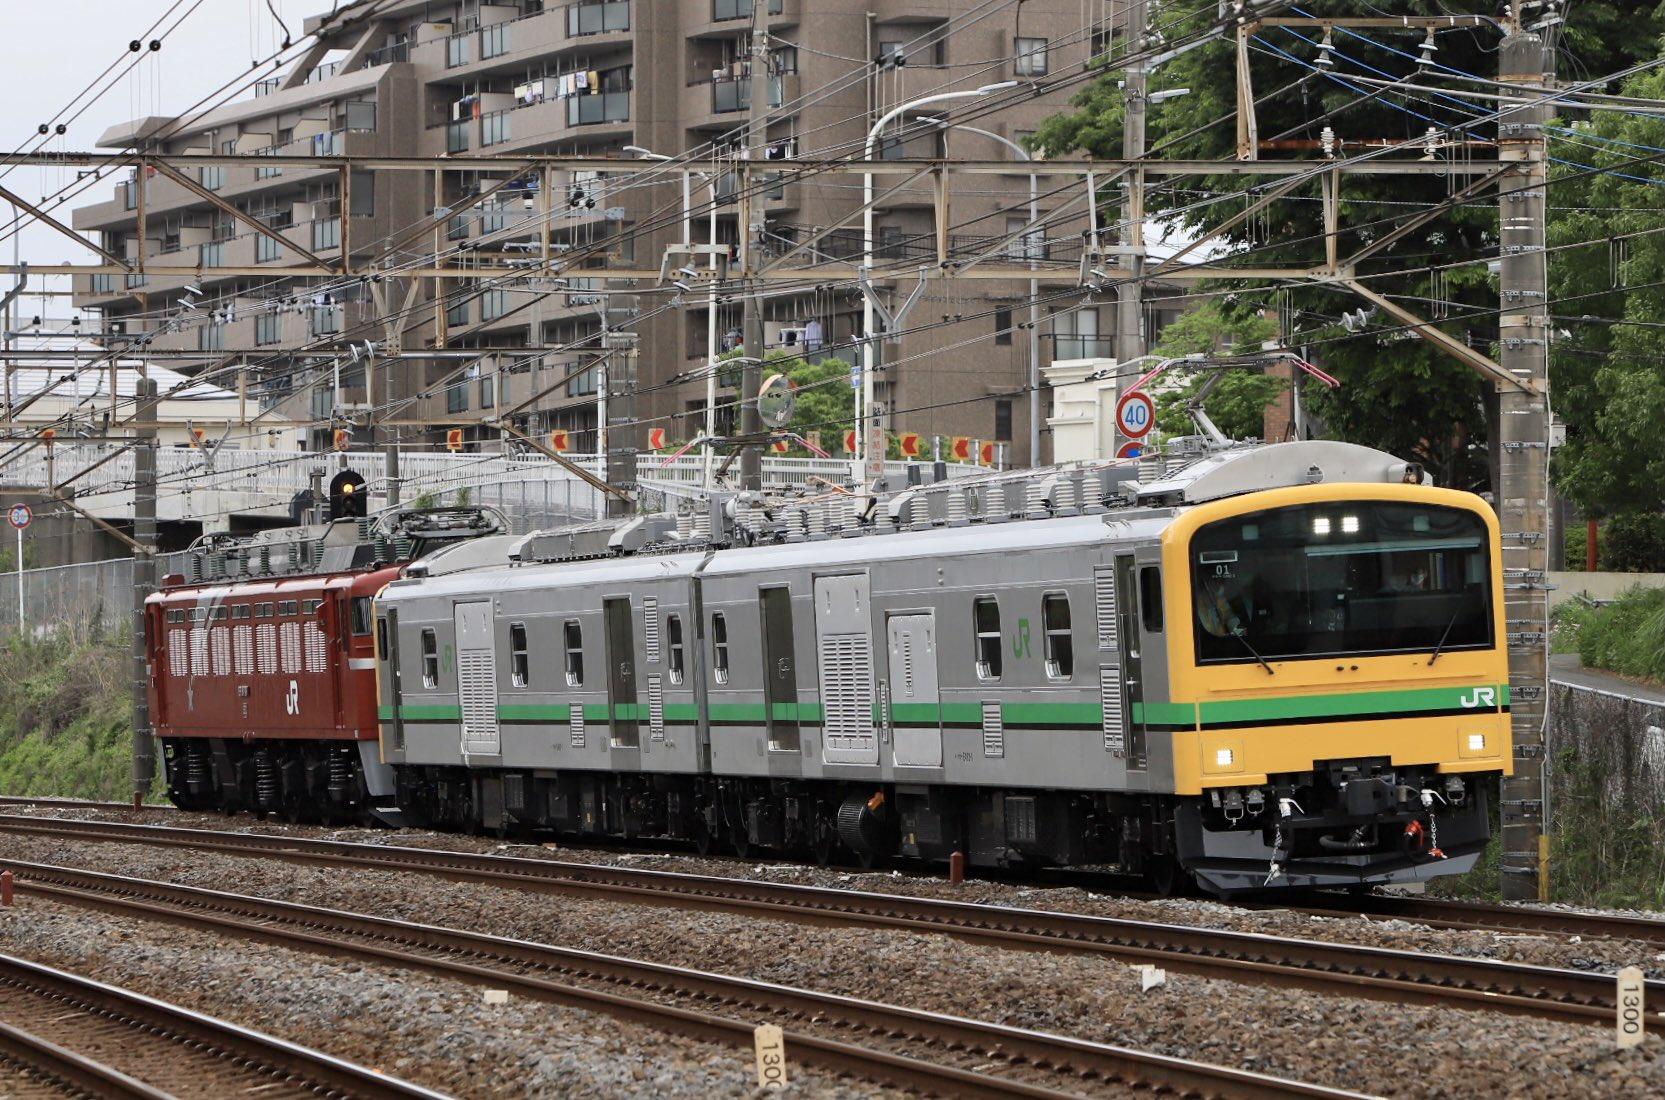 【電車が機関車を牽く時代】E493系試運転 EF81-98無動力を牽引